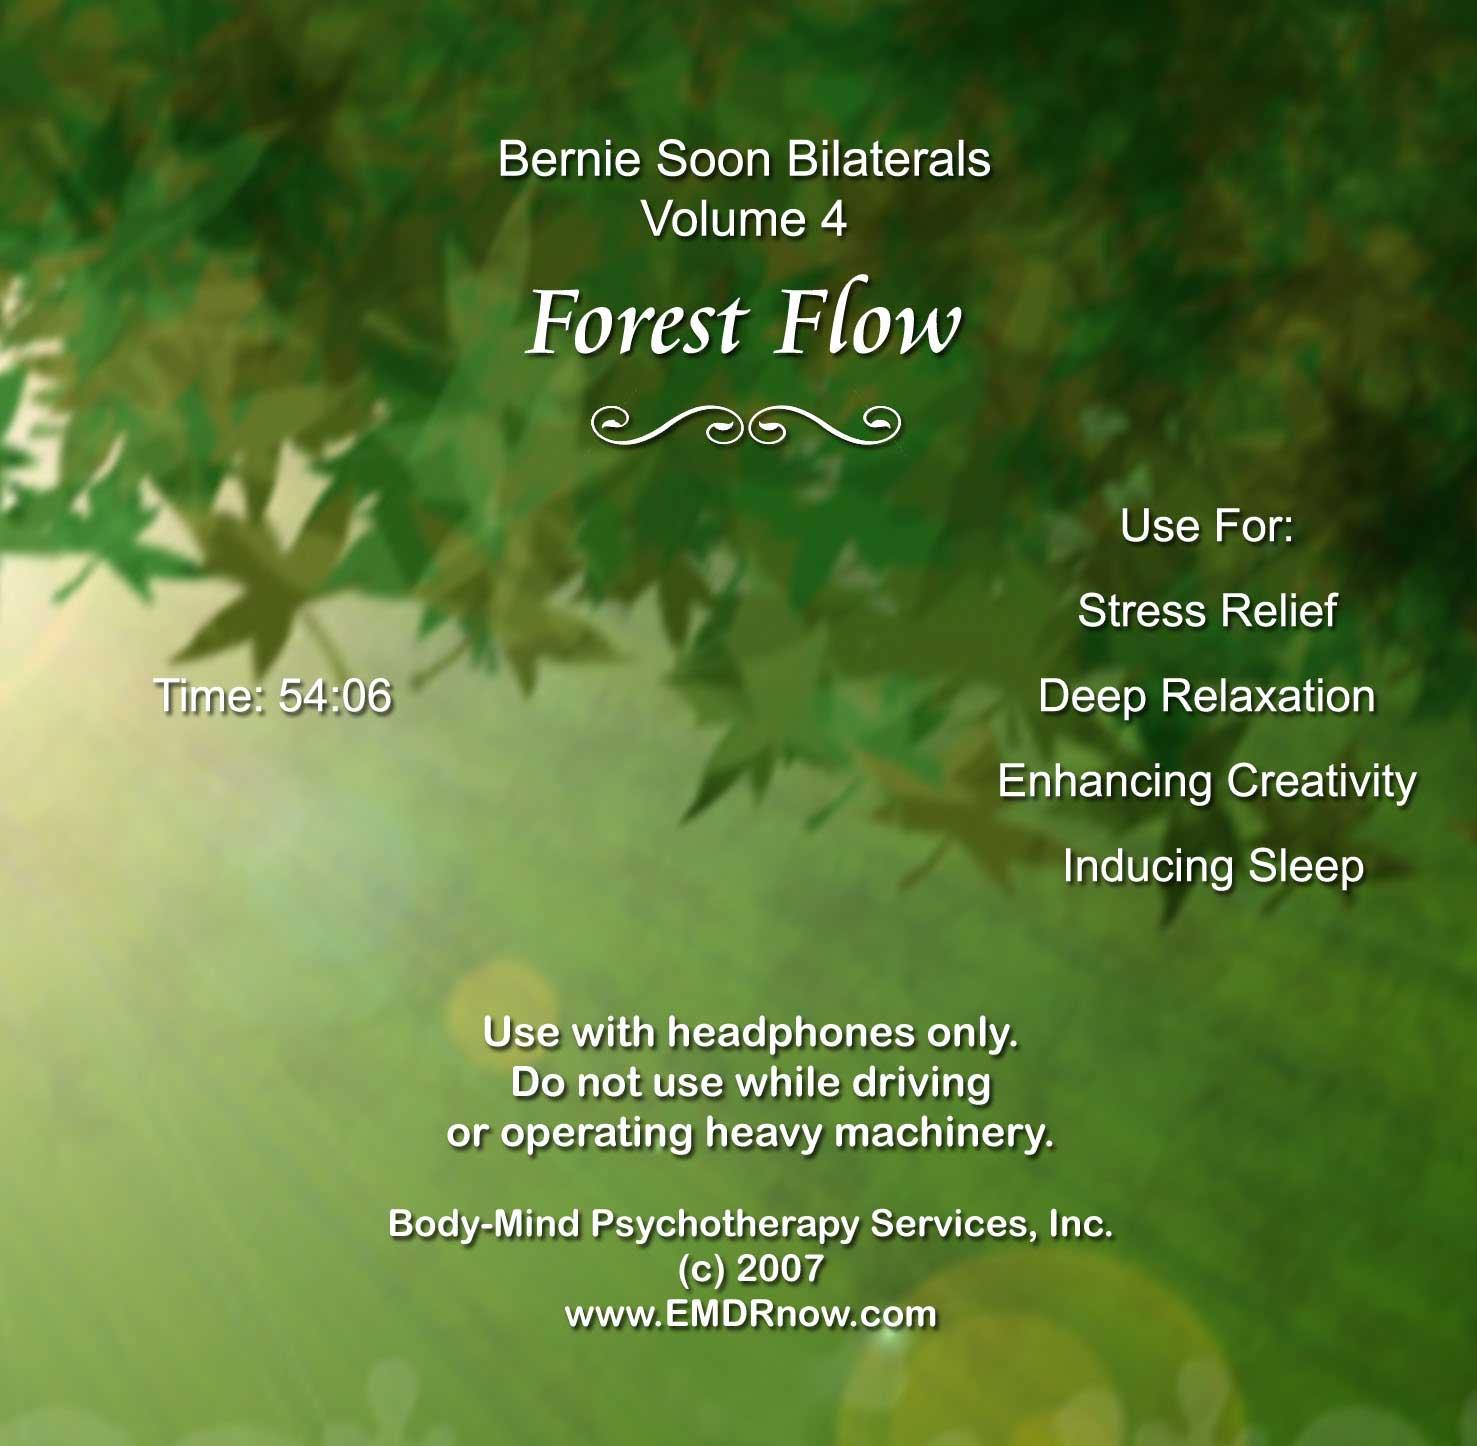 EMDR_Bilateral_4_Forest_label_2011.jpg?1